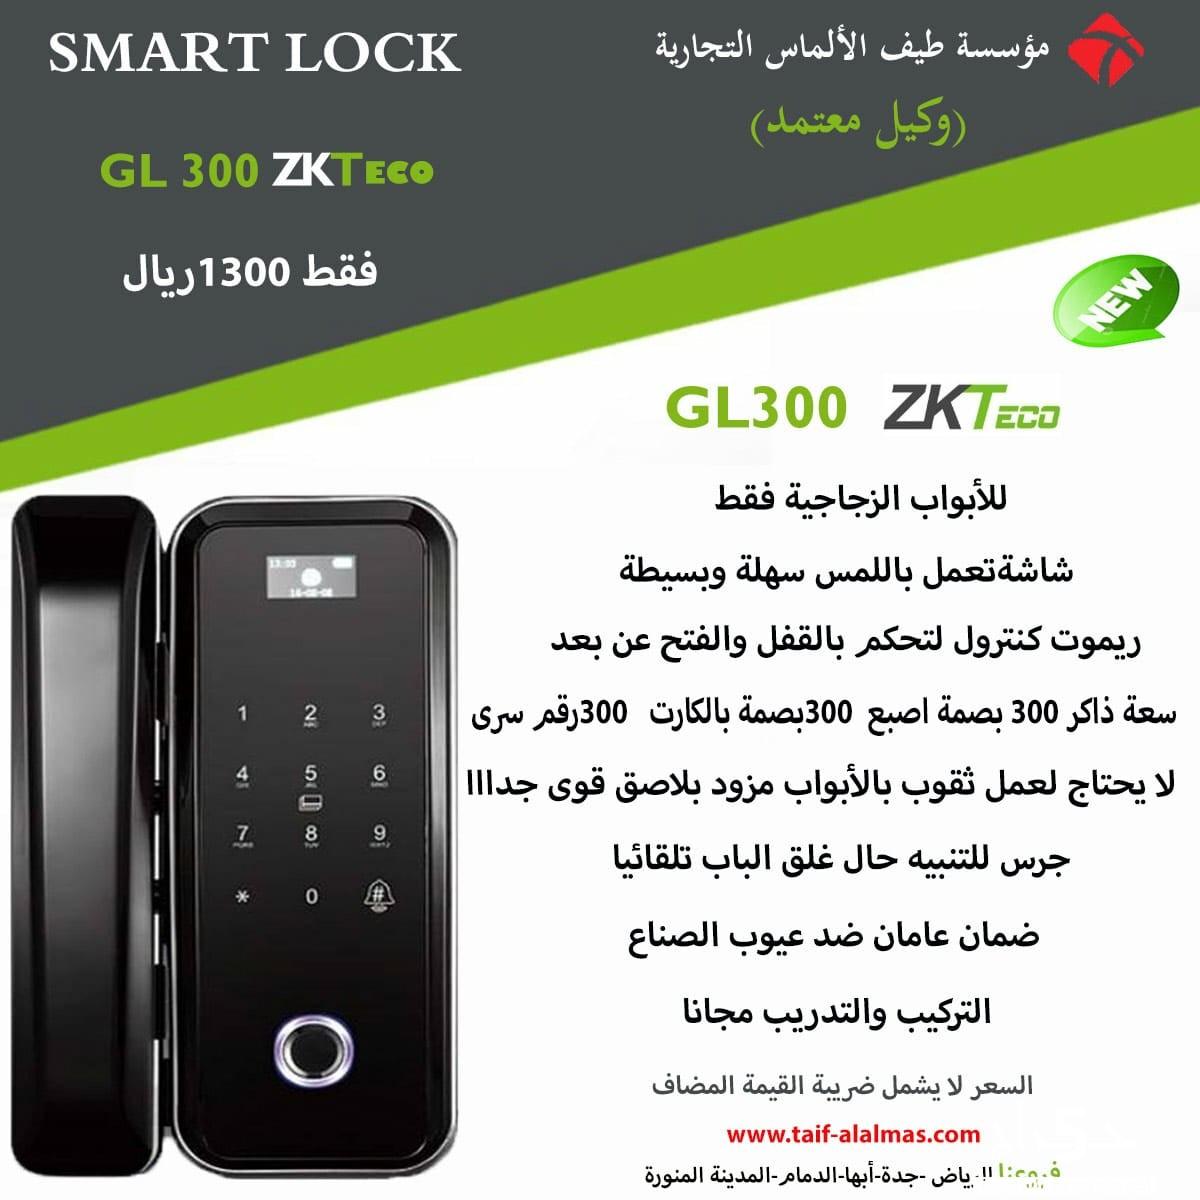 جهاز قفل ذكي (Smart Lock) أحدث إصدار GL300